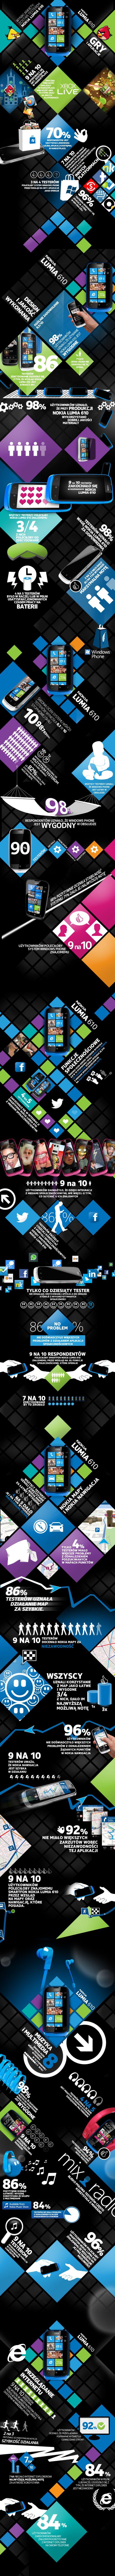 Nokia Lumia 610 infografika